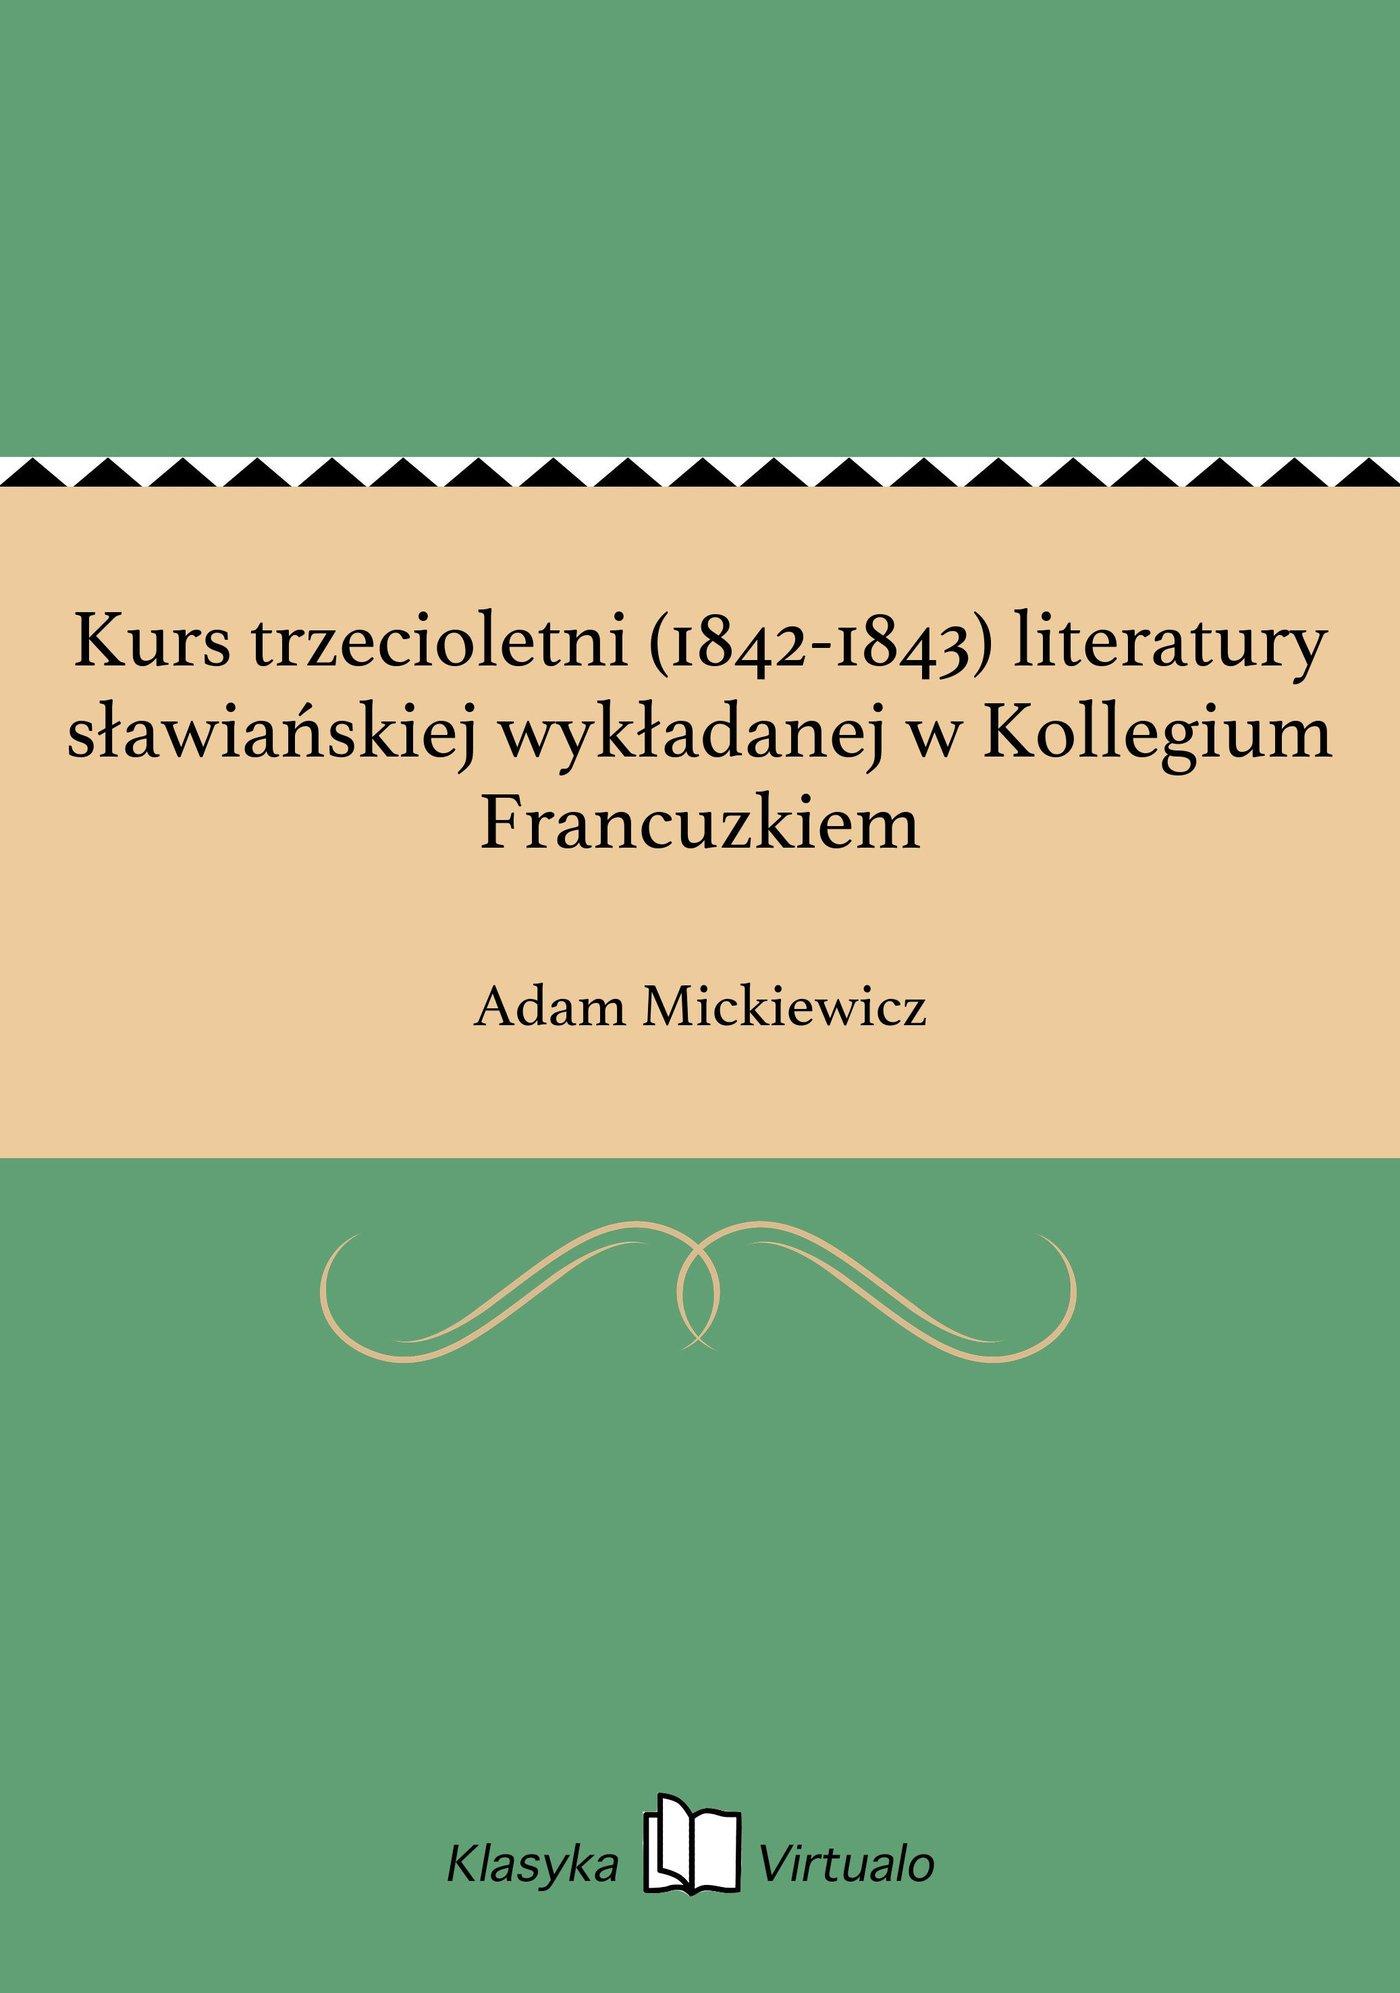 Kurs trzecioletni (1842-1843) literatury sławiańskiej wykładanej w Kollegium Francuzkiem - Ebook (Książka EPUB) do pobrania w formacie EPUB